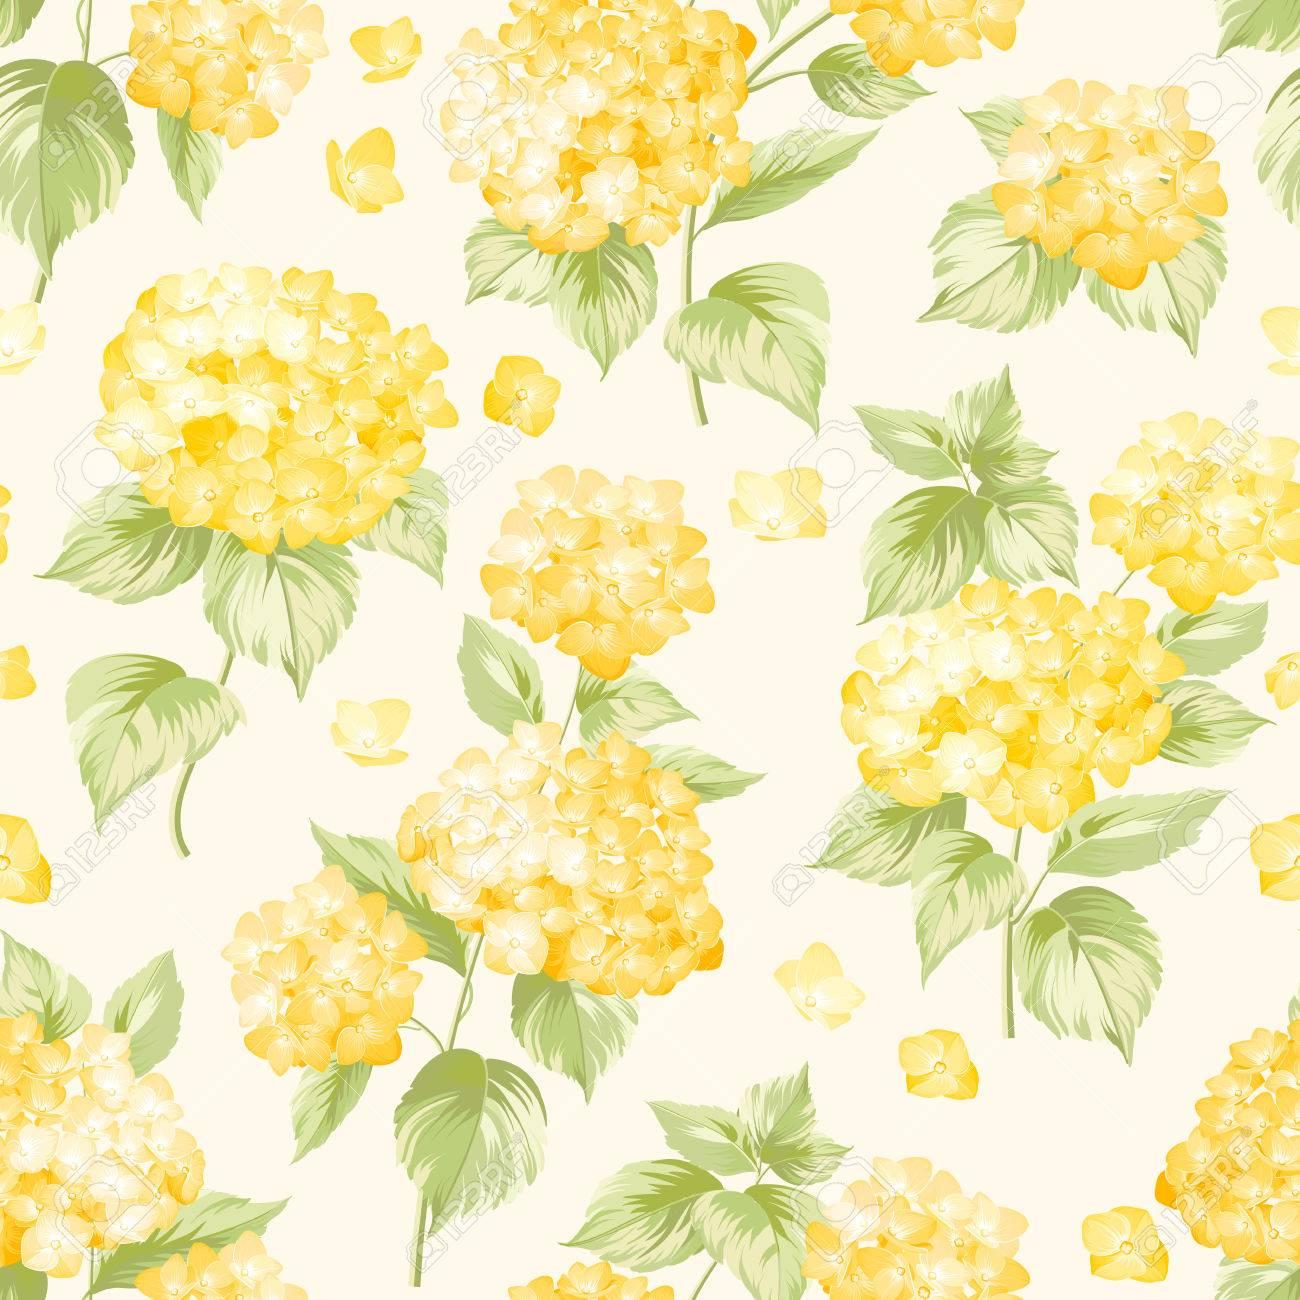 Flower pattern of yellow hydrangea flowers seamless texture flower pattern of yellow hydrangea flowers seamless texture yellow flowers vector illustration mightylinksfo